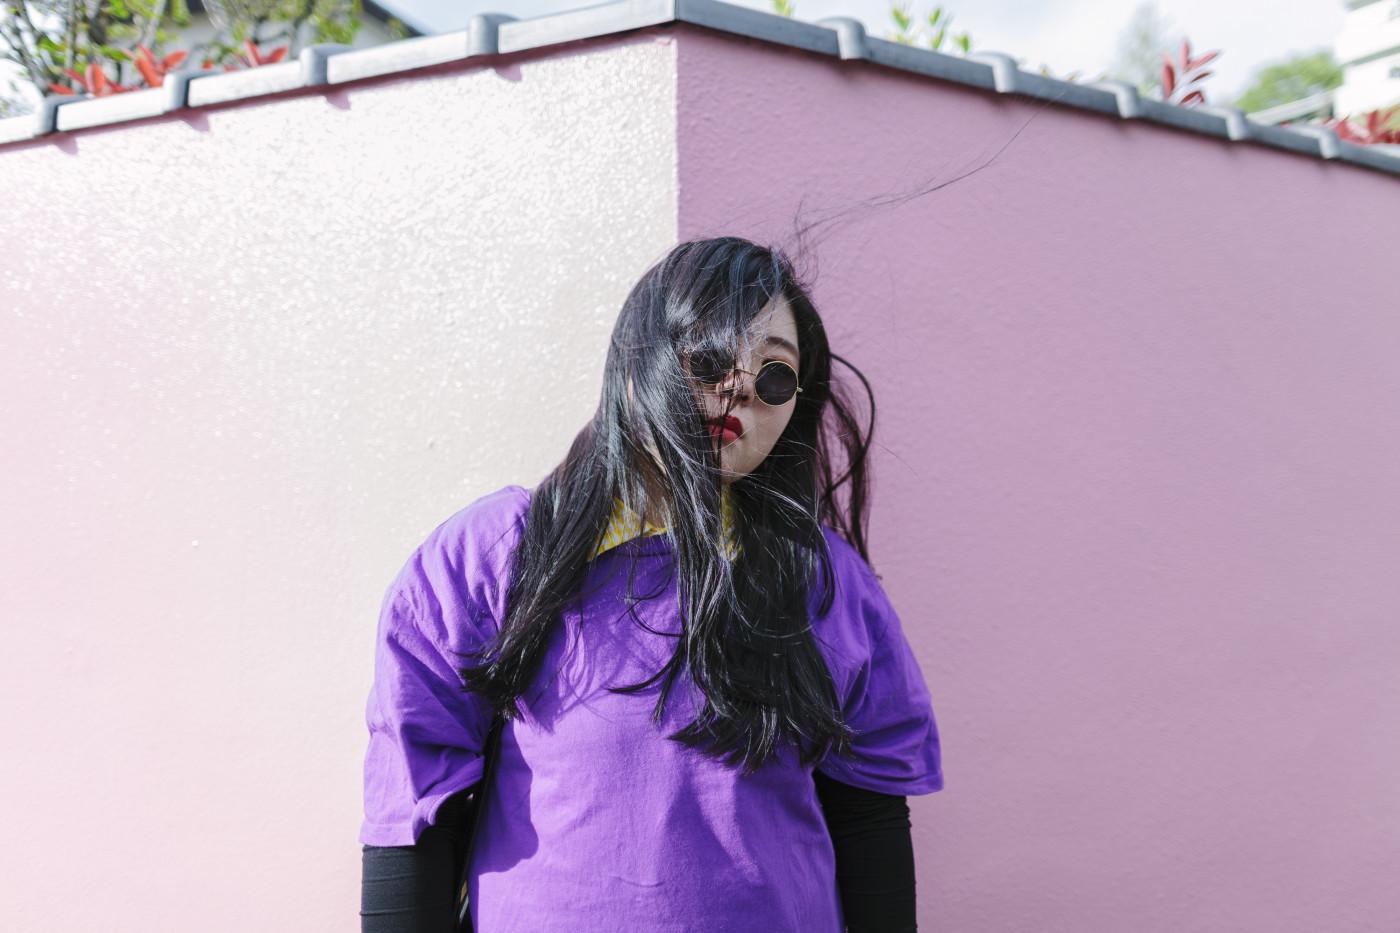 Japanse vrouwen dagen de norm uit